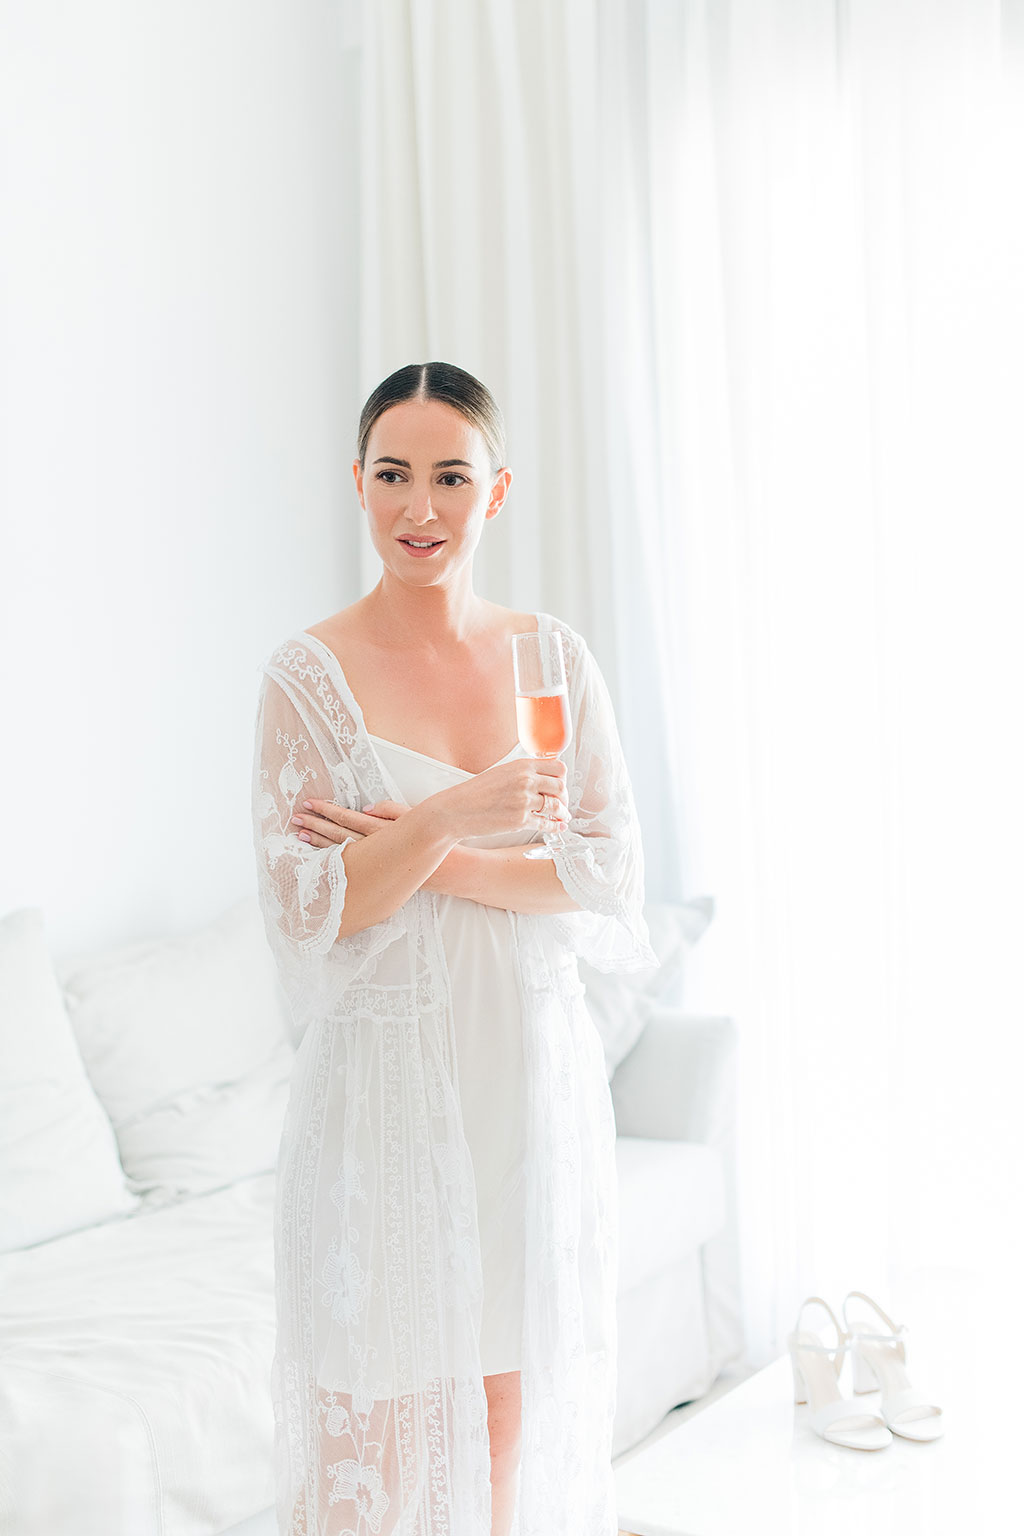 Φωτογράφος γάμου Χαλκιδική, wedding in chalkidiki, bridal preparation, Φωτογράφος γάμου Χαλκιδική